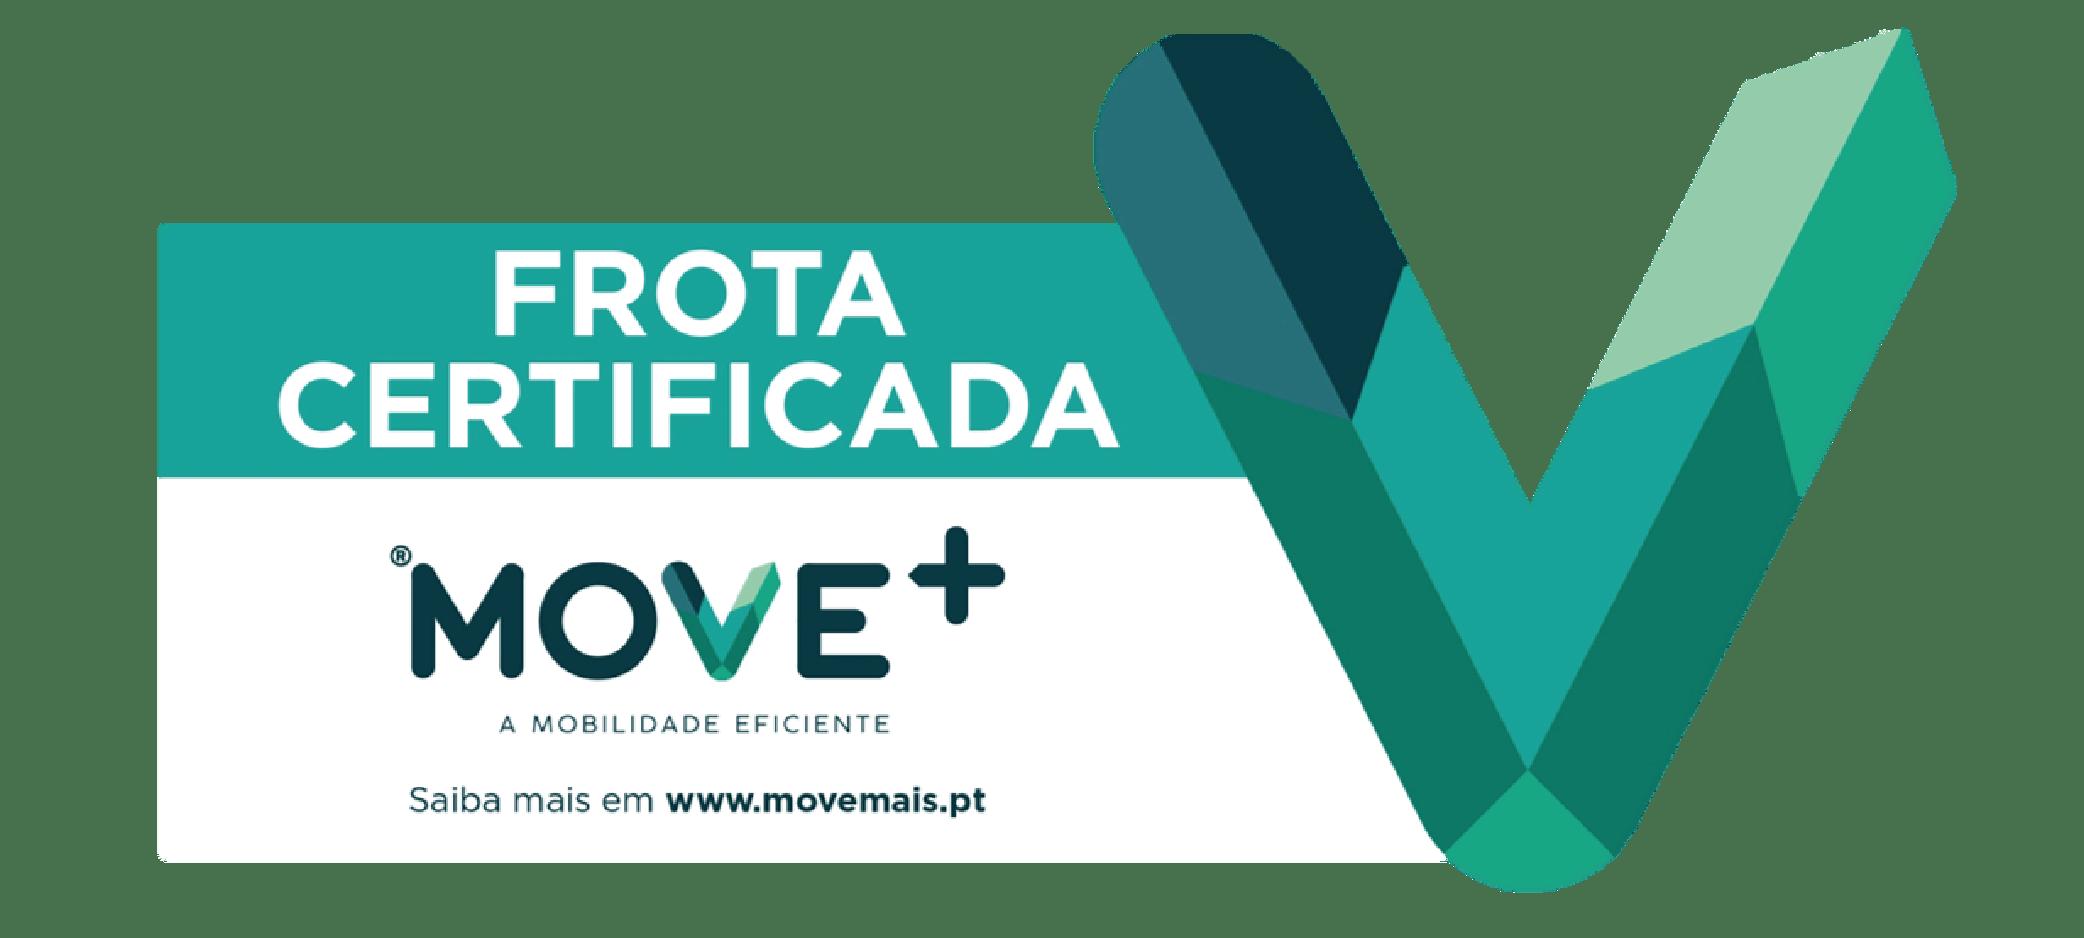 CM Lisboa é o município pioneiro na adoção do MOVE+